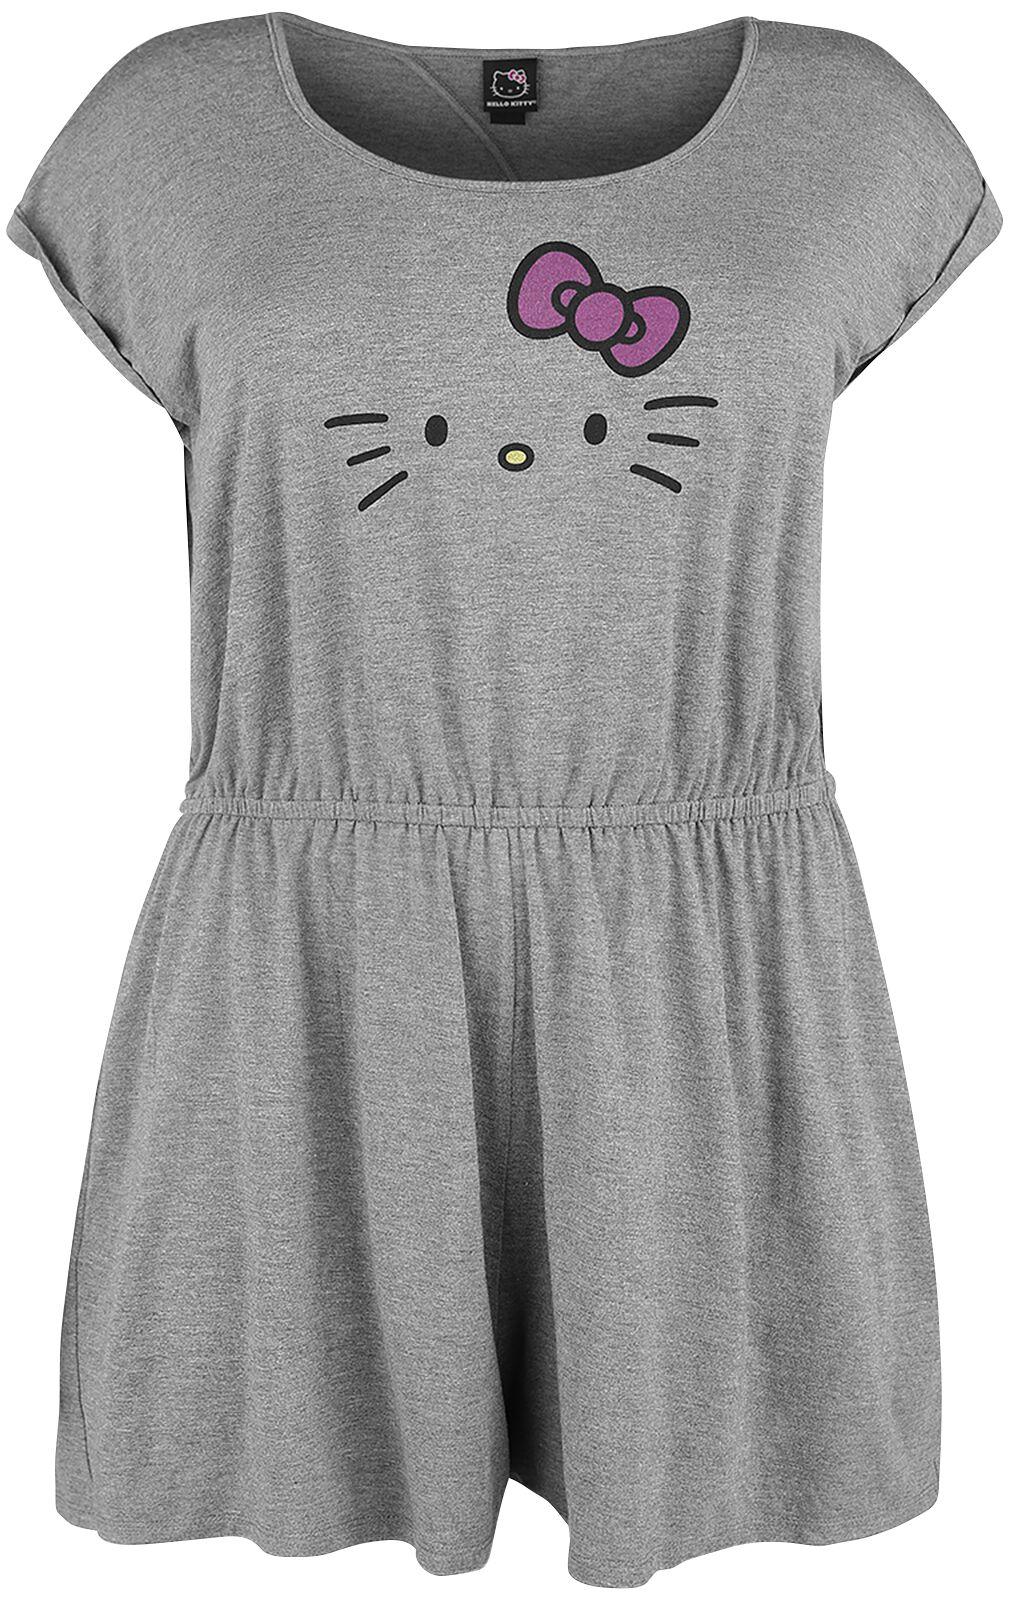 Merch dla Fanów - Spodnie długie - Kombinezon Hello Kitty Placed Hello Kitty Kombinezon odcienie szarego - 351149